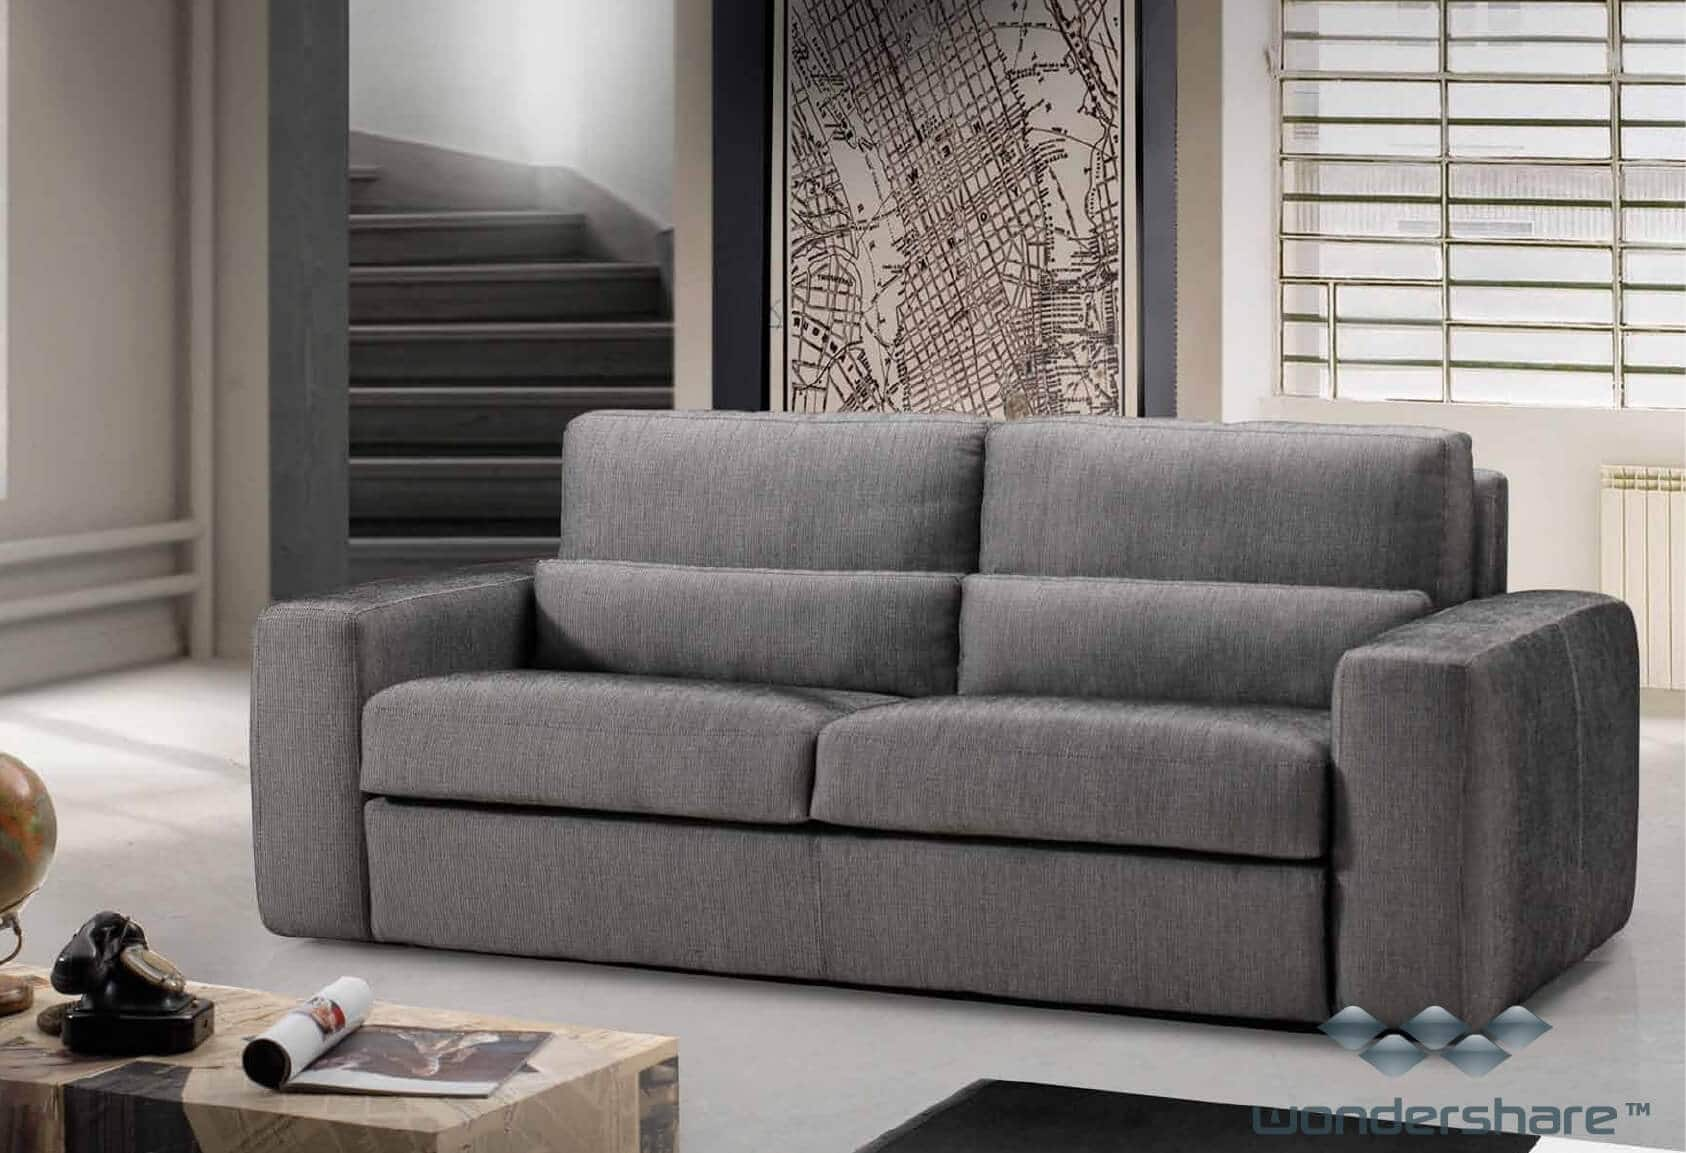 Prezzi di divani - Divani sofa prezzi ...